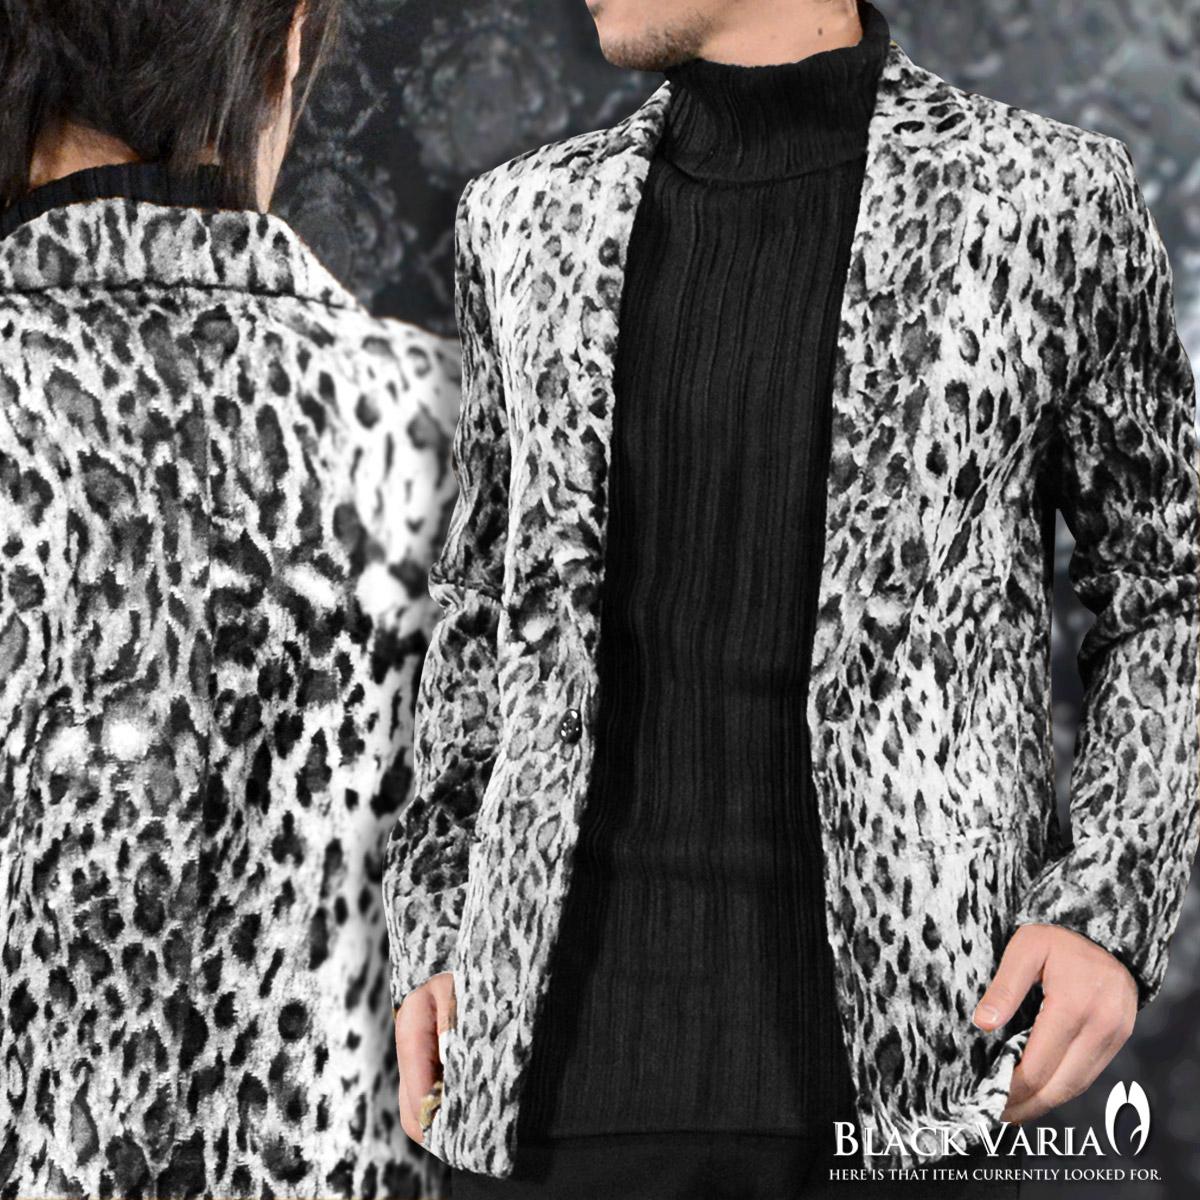 カットジャケット 豹柄 ヒョウ アニマル ファー メンズ テーラード 1釦 ジャケット mens(ホワイト白ブラック黒) 162955